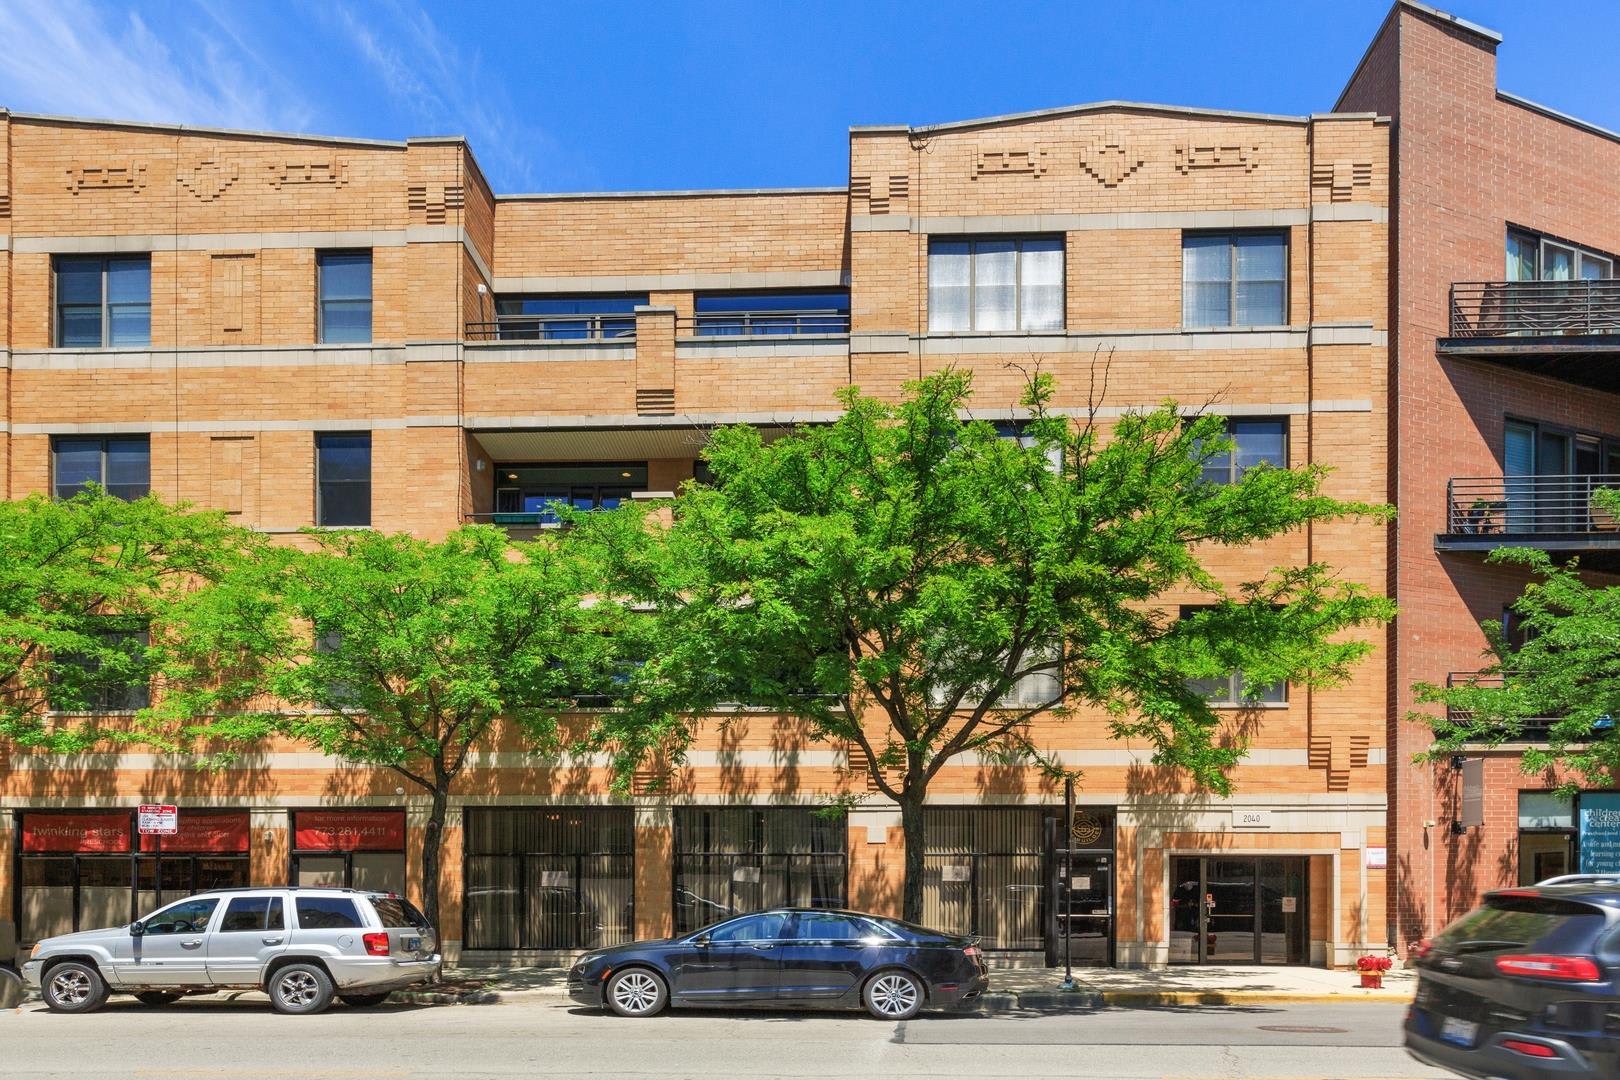 2040 W Belmont Ave, #208 photo